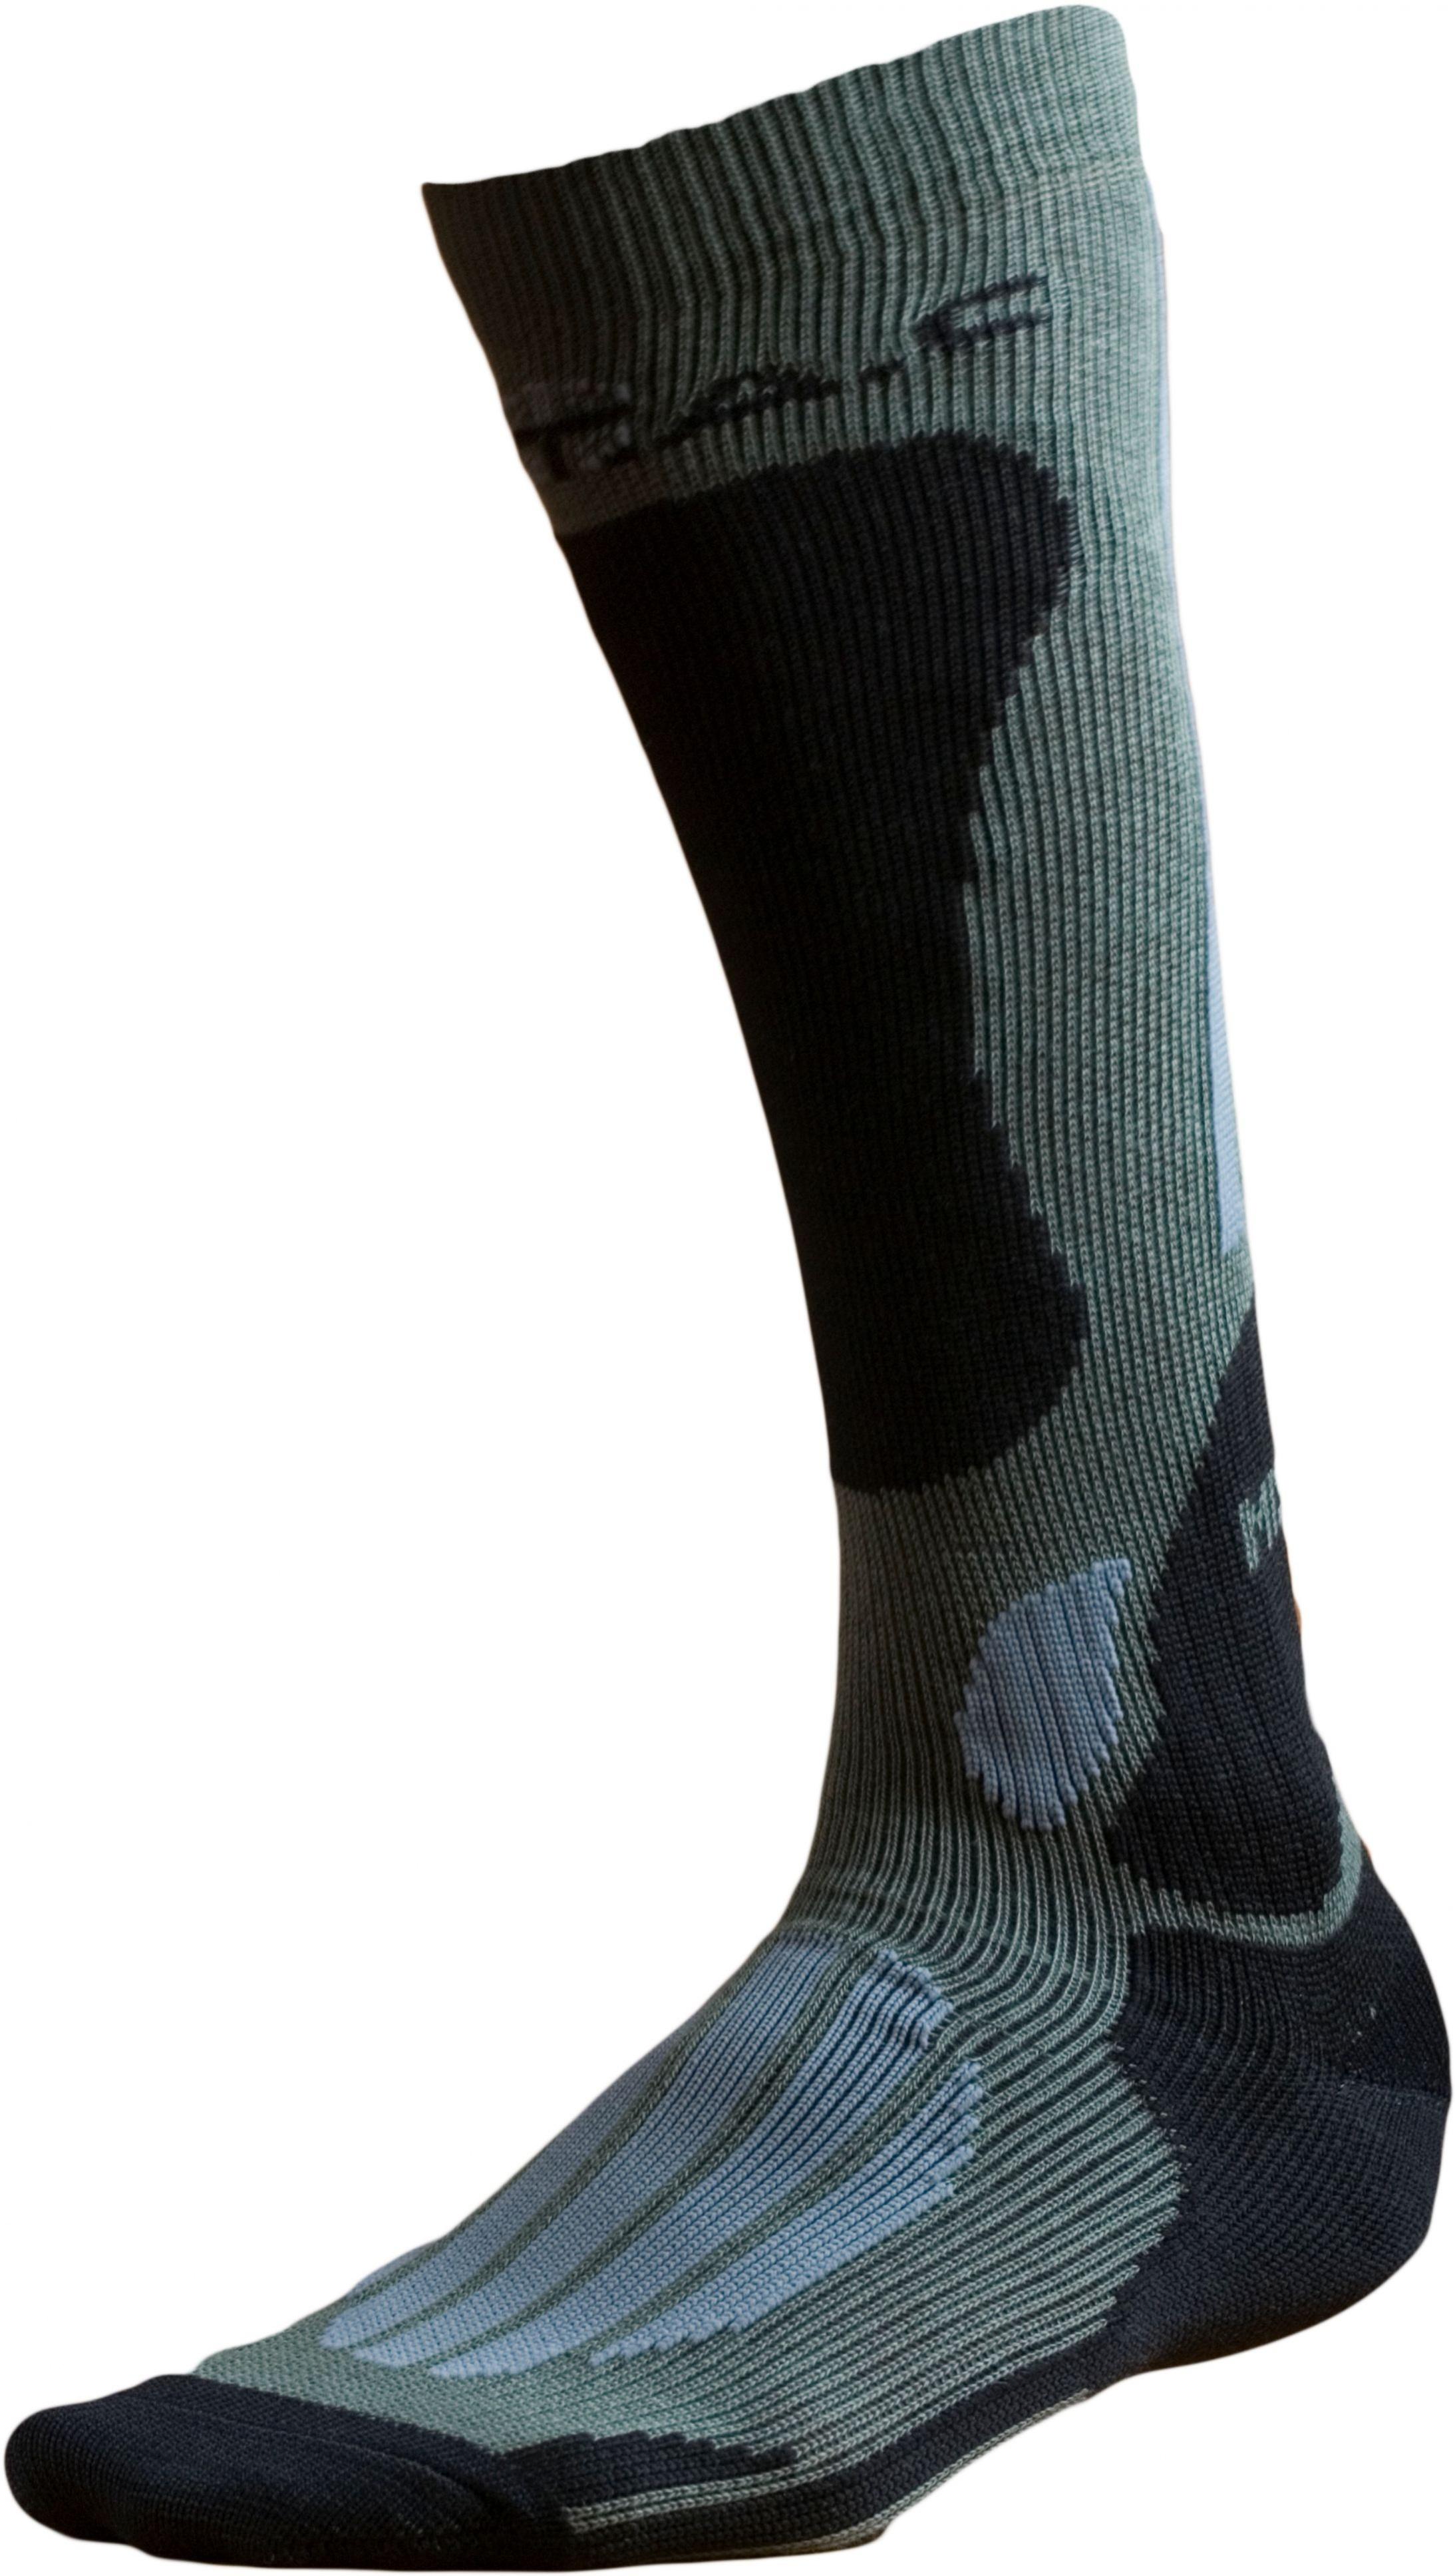 Ponožky BATAC Mission MI02 vel. 42-43 - olive/grey